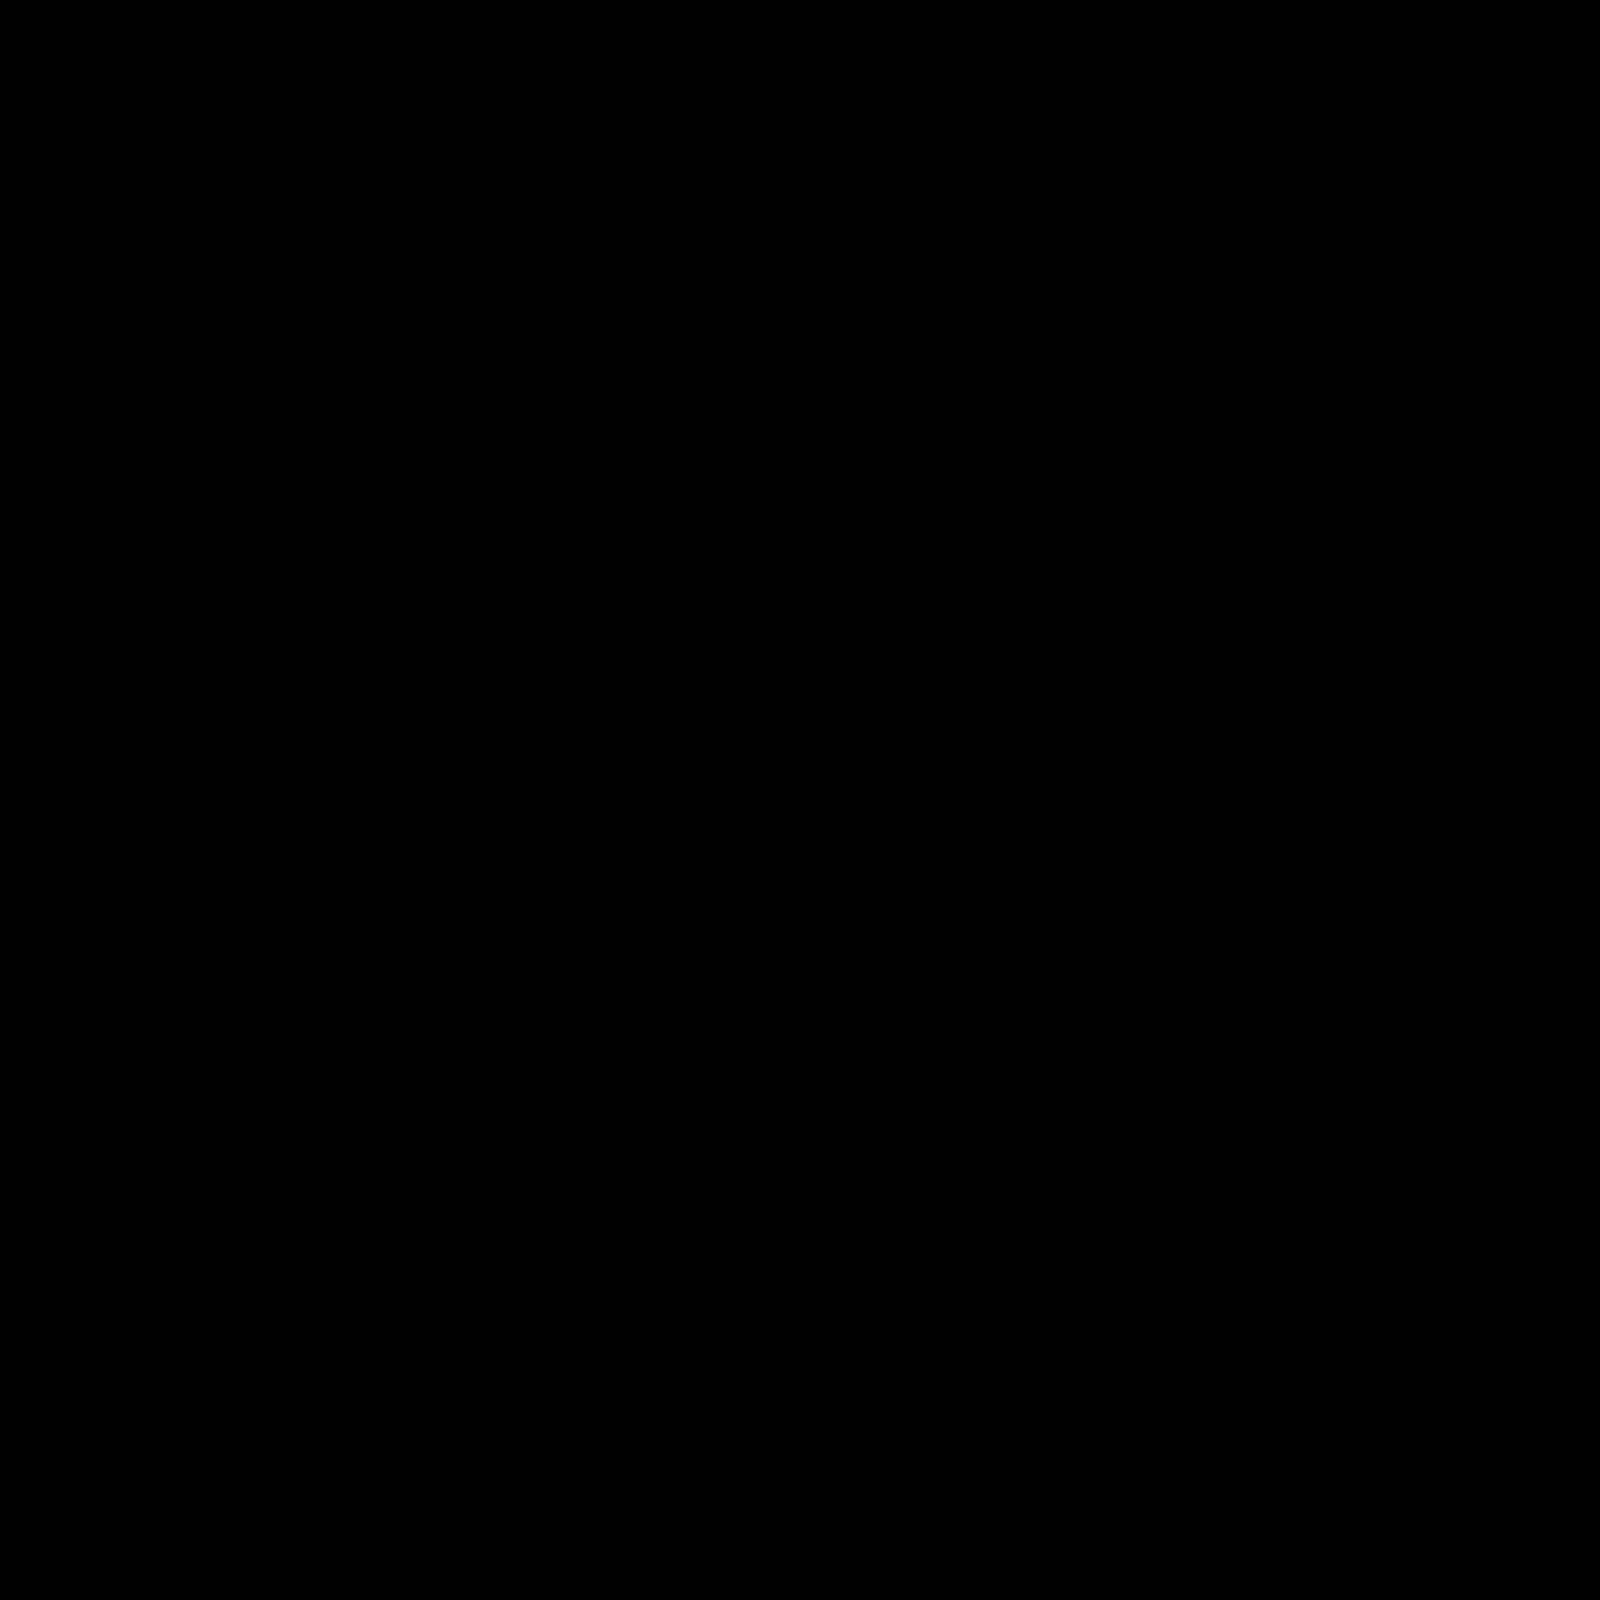 ms access アイコン 無料ダウンロード png およびベクター